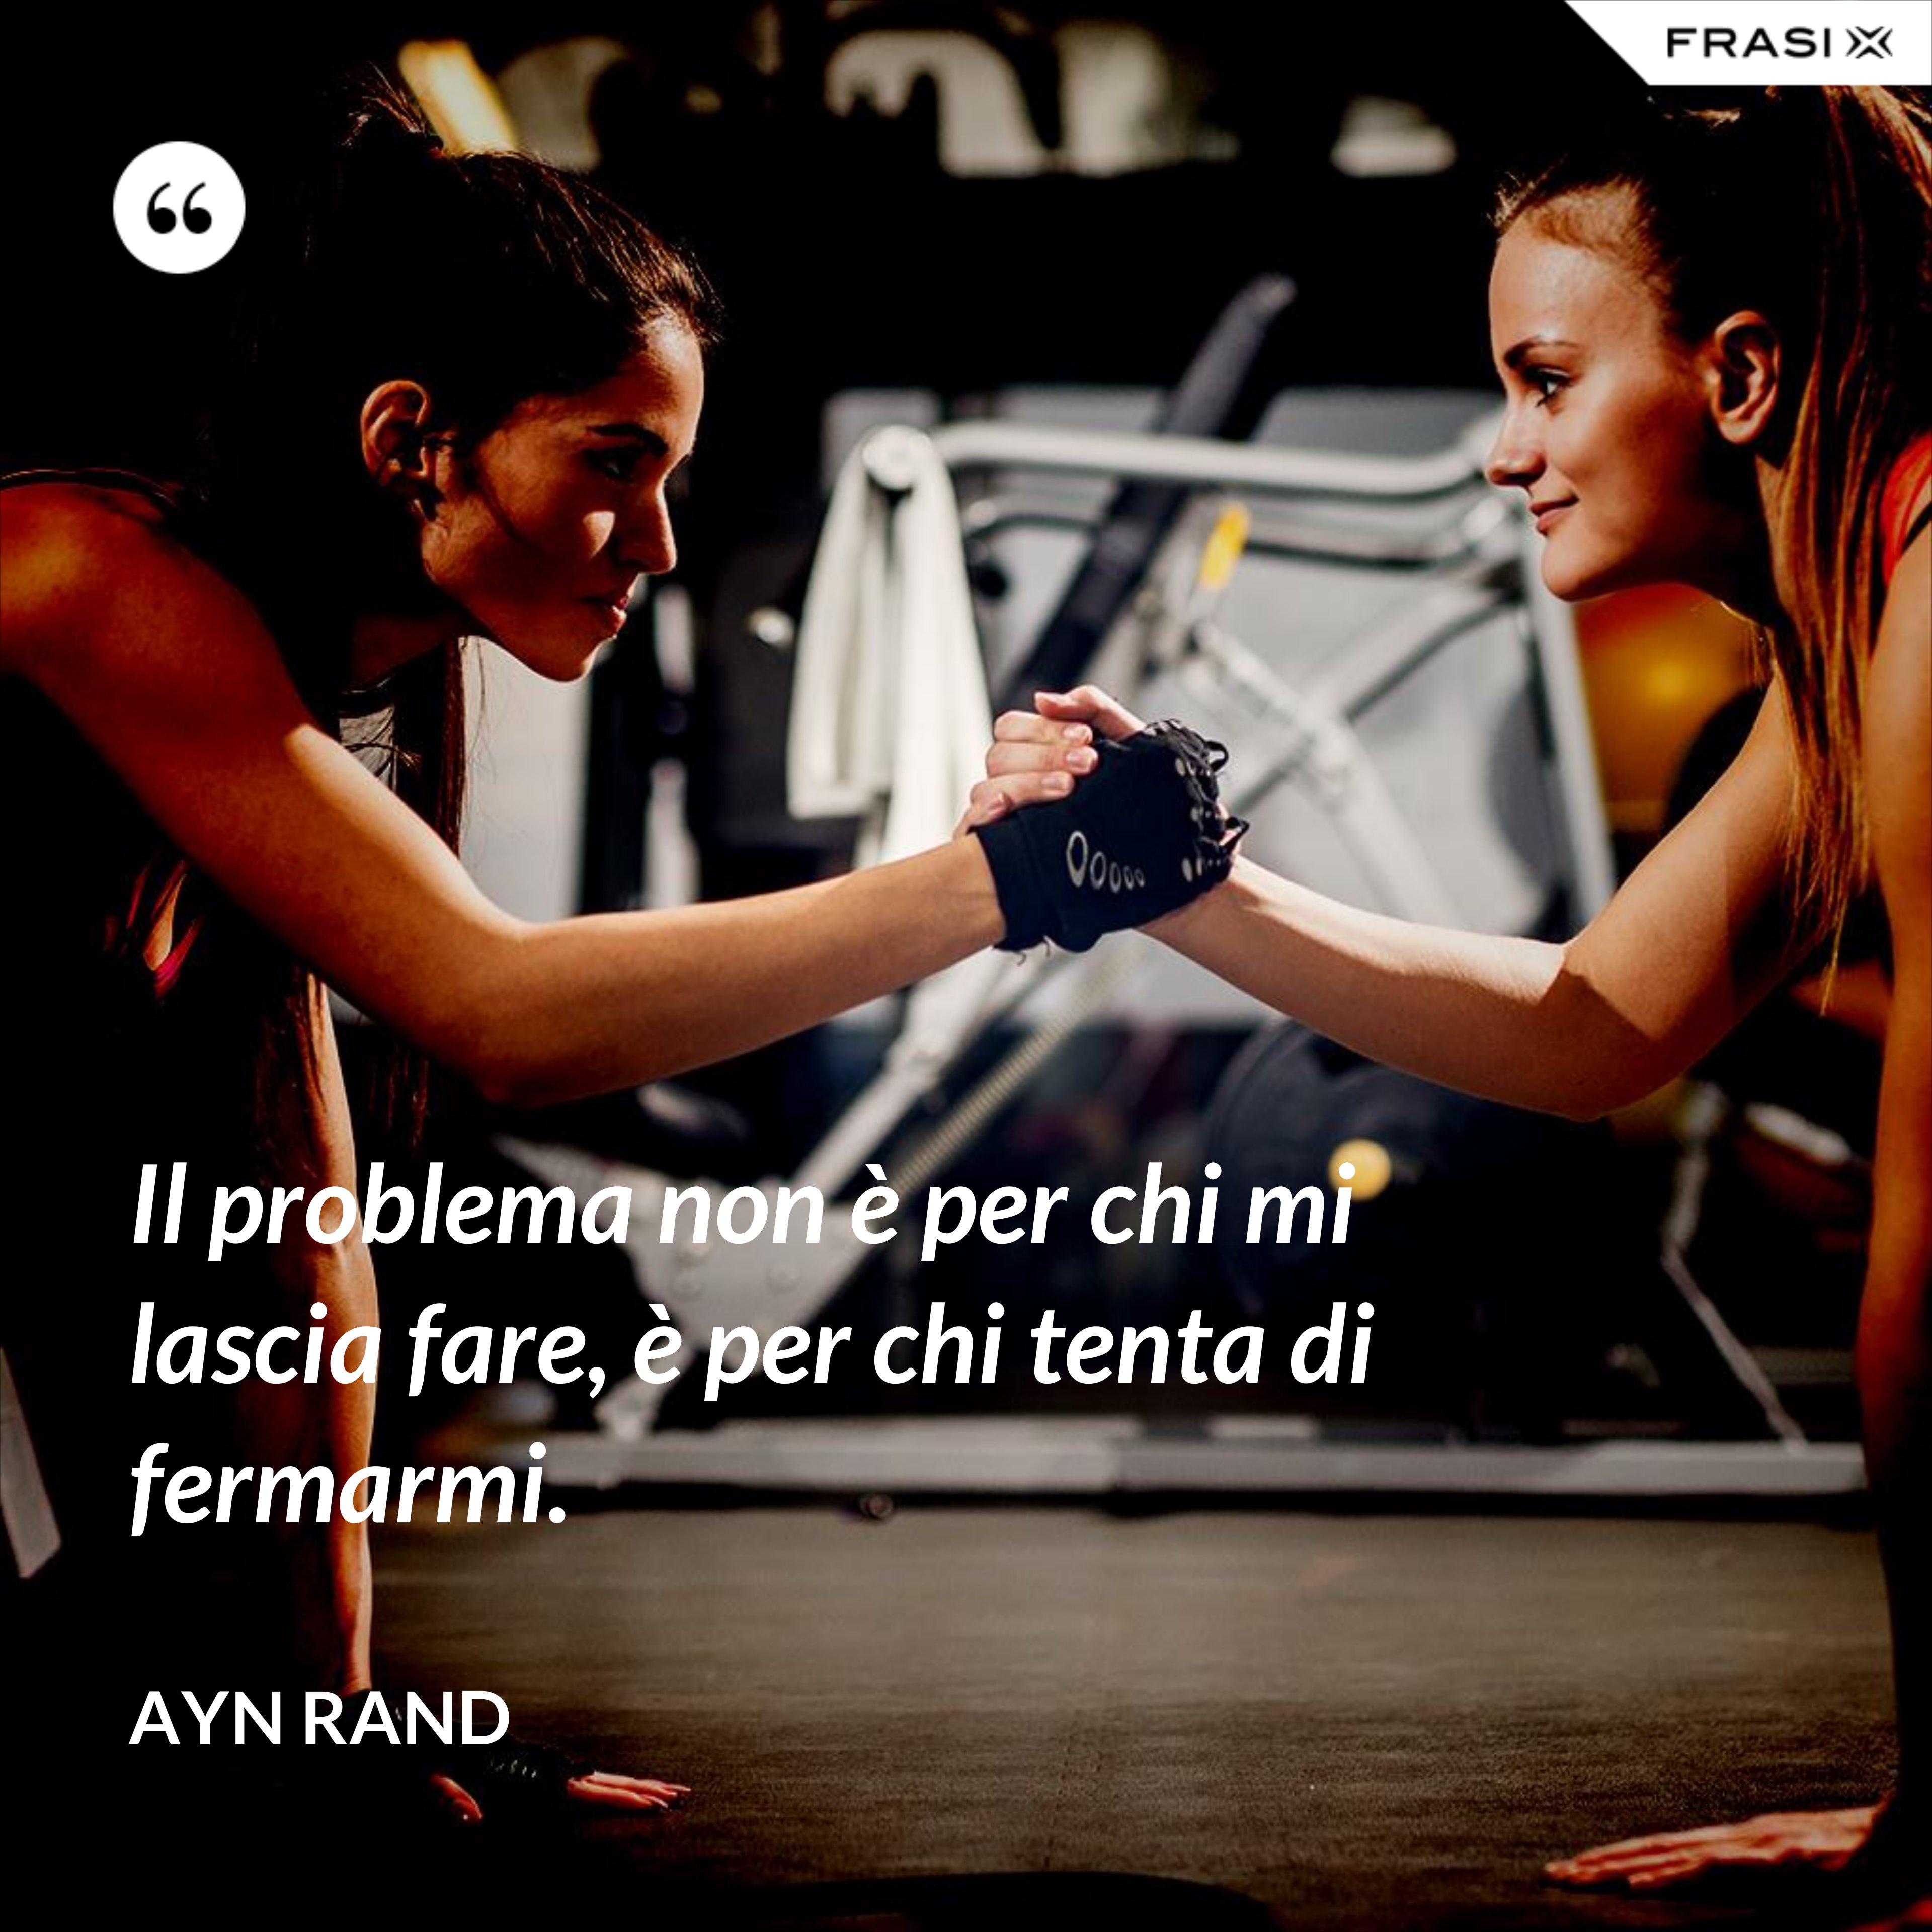 Il problema non è per chi mi lascia fare, è per chi tenta di fermarmi. - Ayn Rand